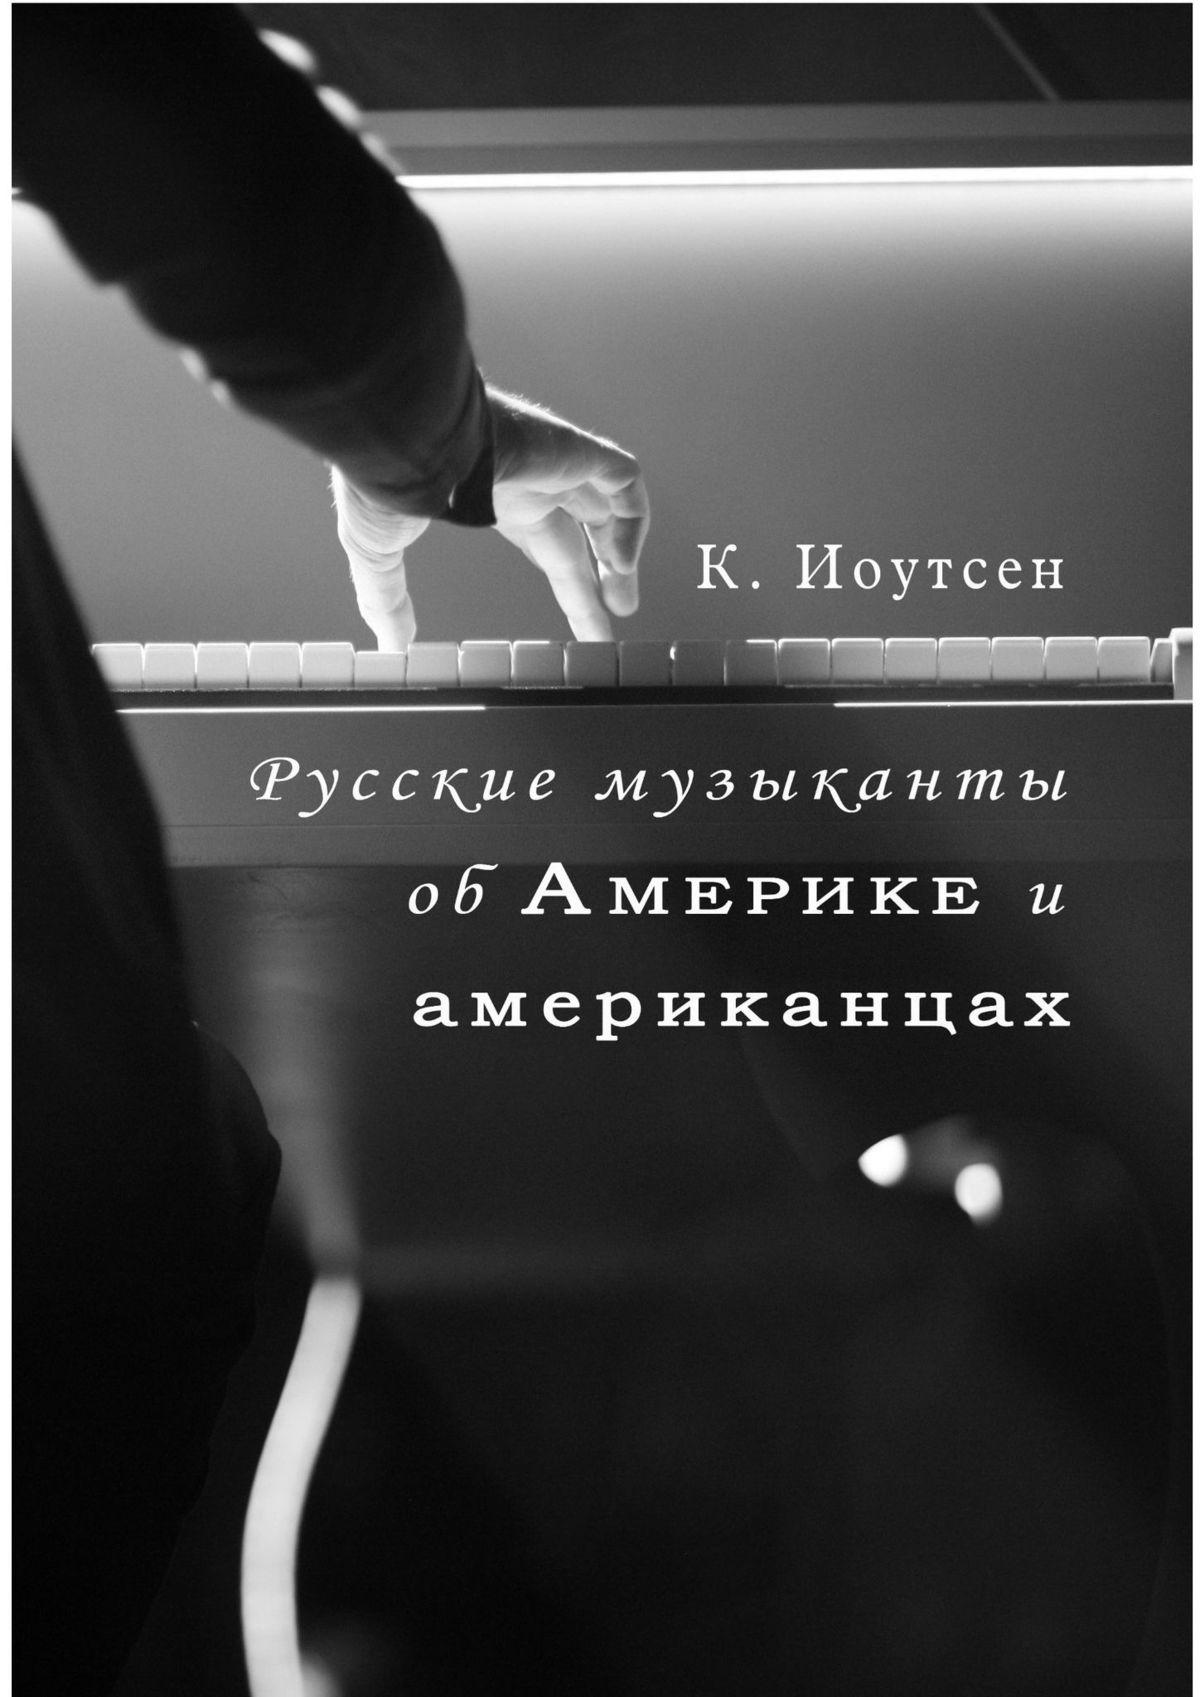 Русские музыканты об Америке и американцах